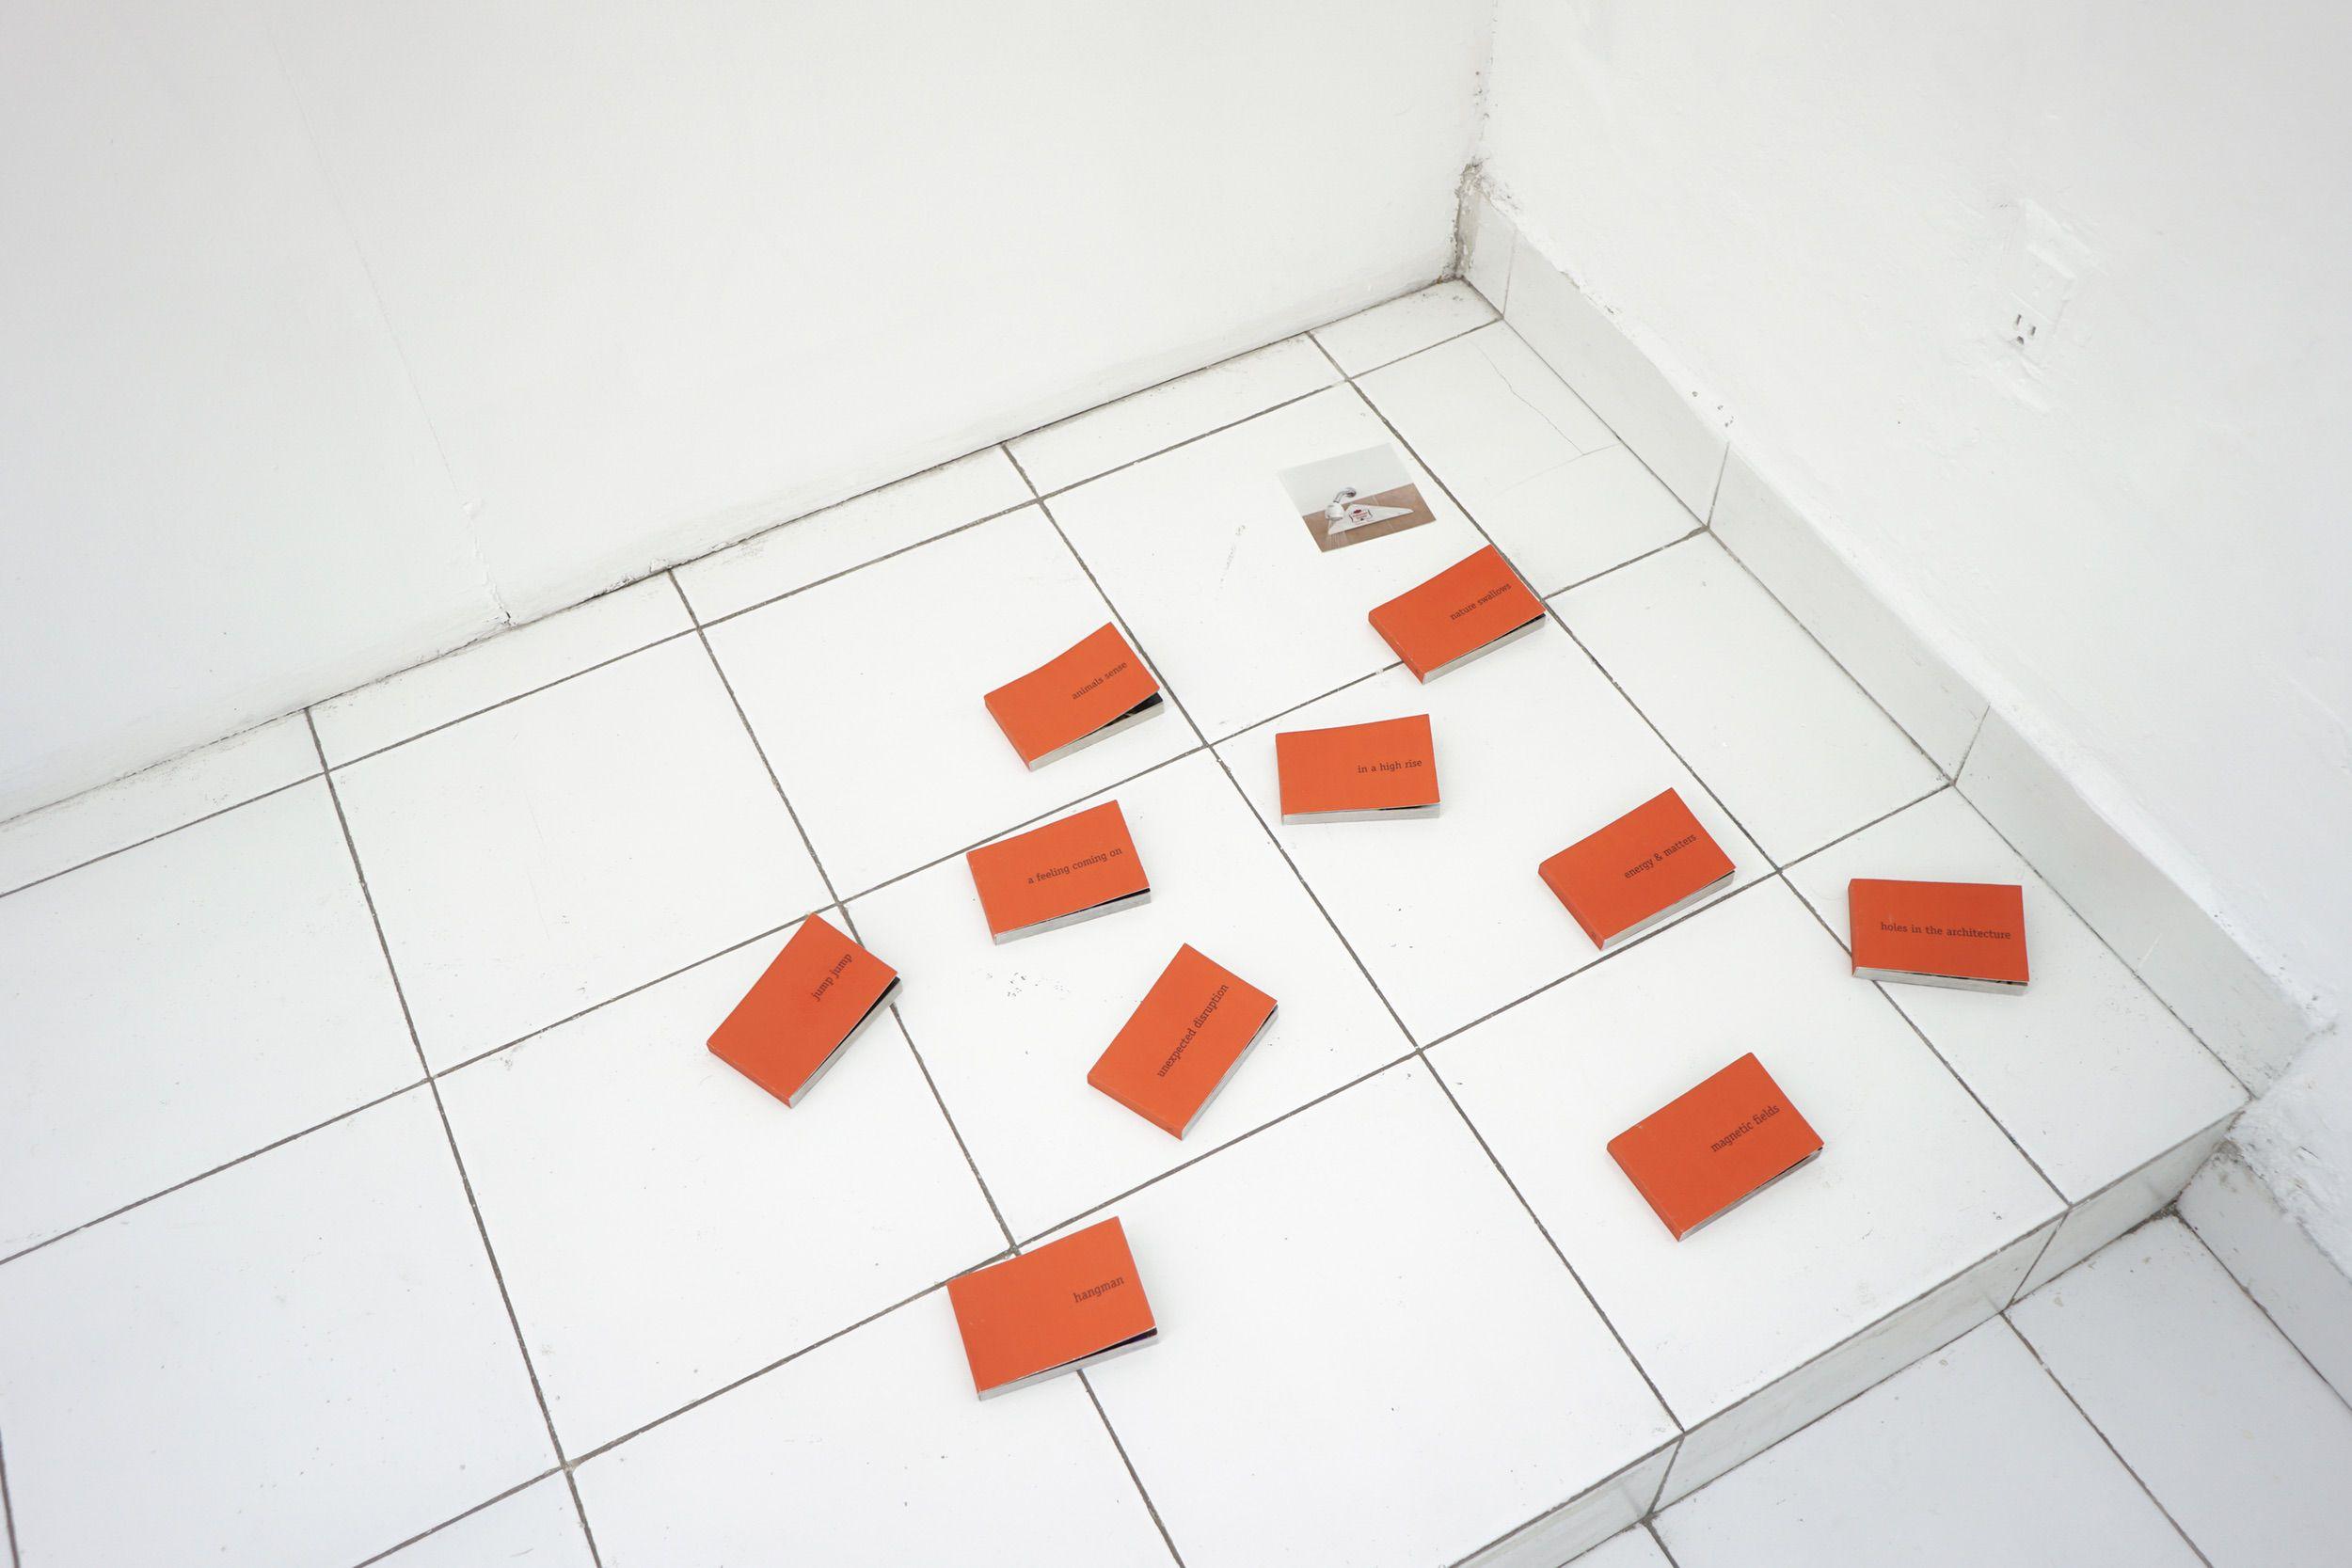 Et al. at Amor - art platform